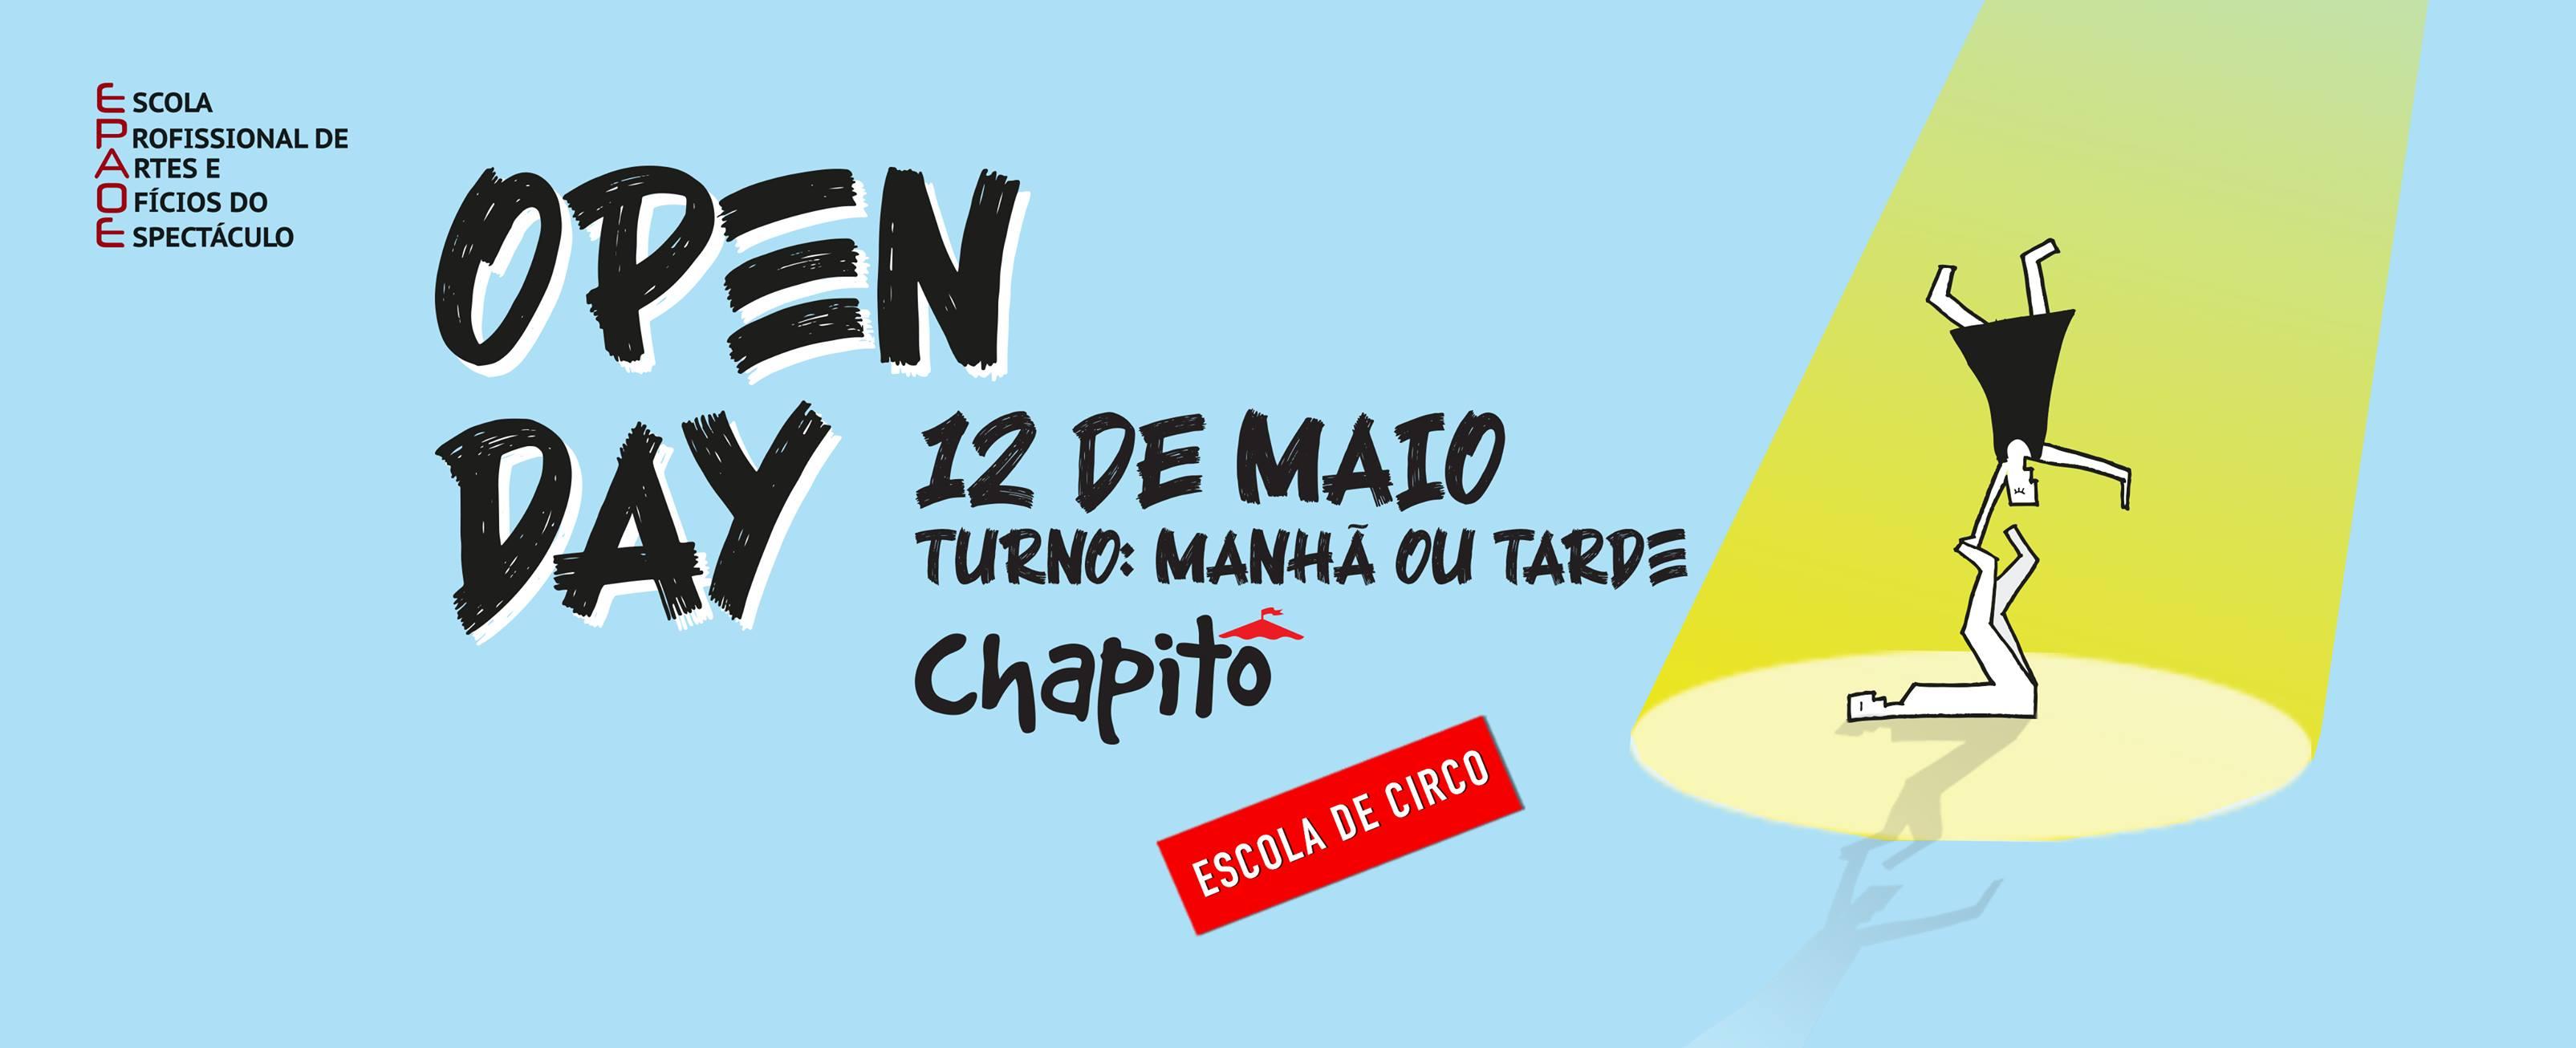 Open Day - Venha conhecer a Escola de Circo do Chapitô